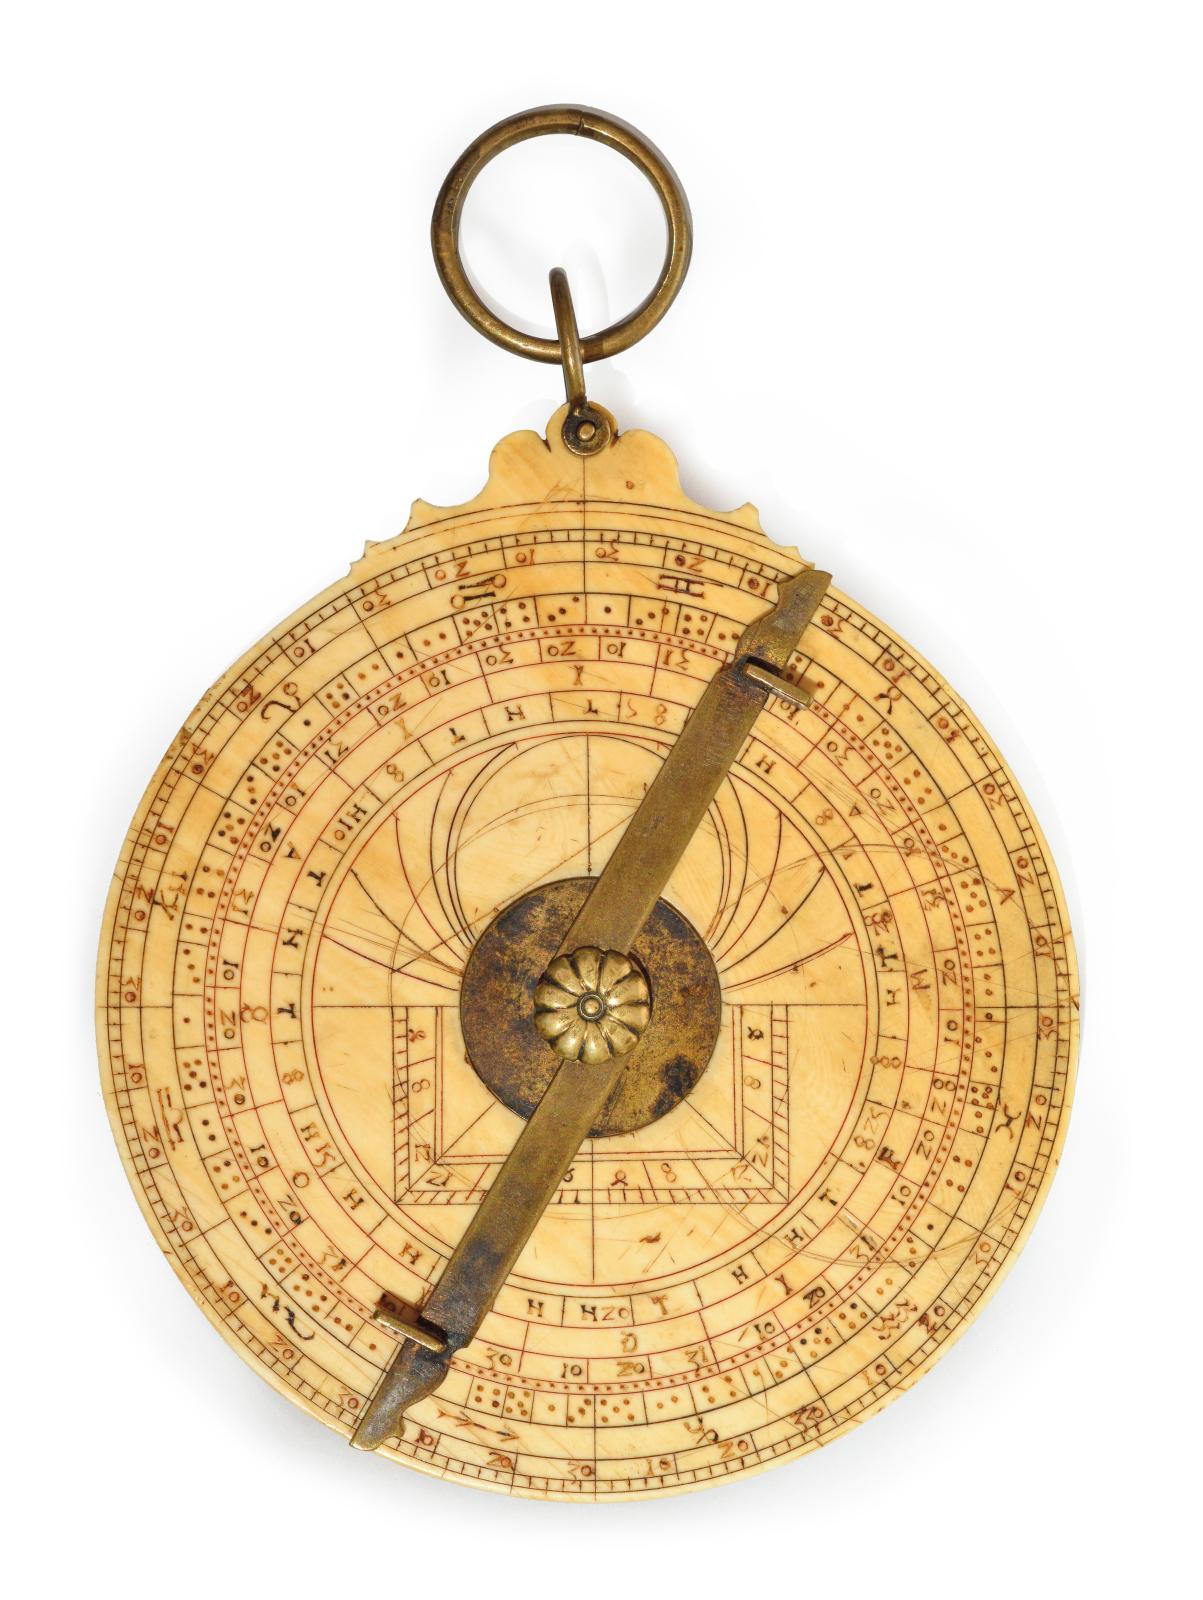 Allemagne, vers 1480, astrolabe européen planisphérique pour la latitude d'Augsbourg, ivoire gravé et polychrome, laiton, diam. moyen: 10